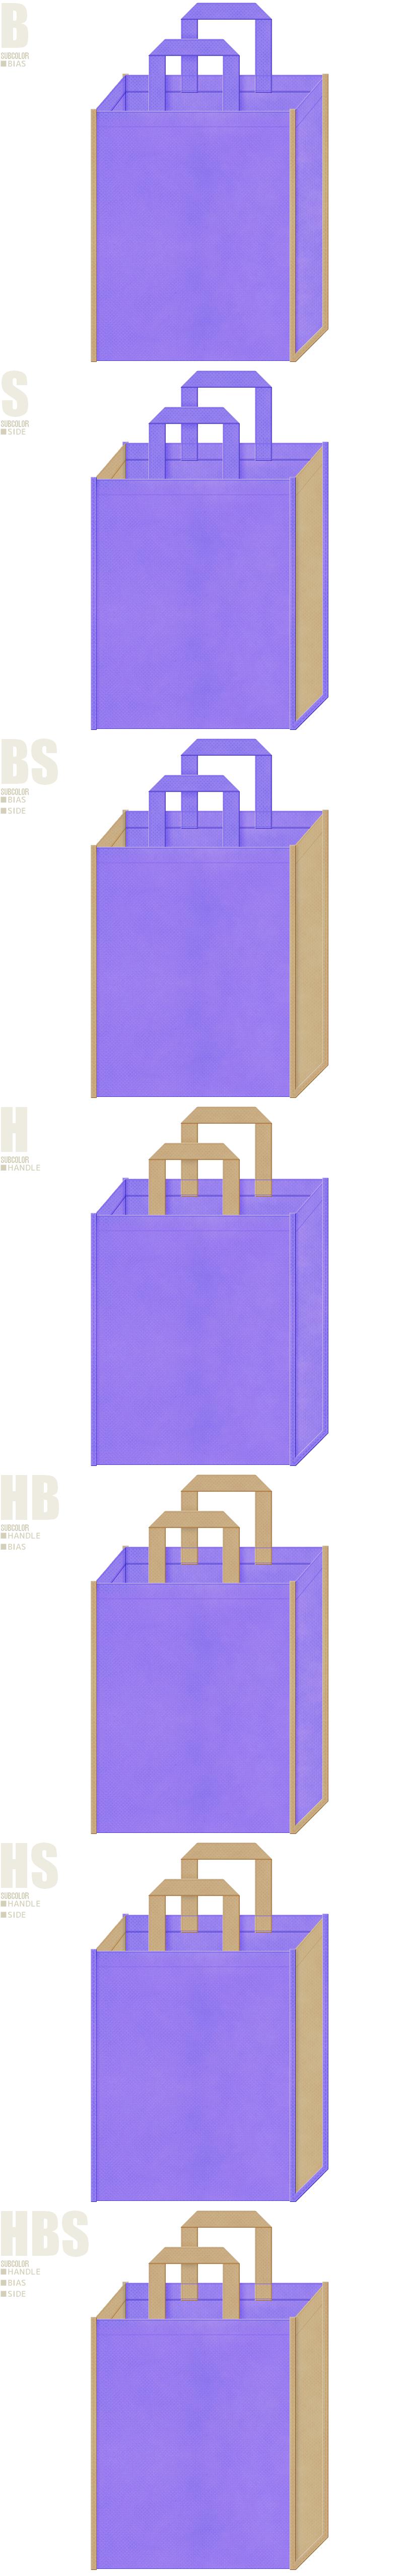 薄紫色とカーキ色の配色7パターン:不織布トートバッグのデザイン